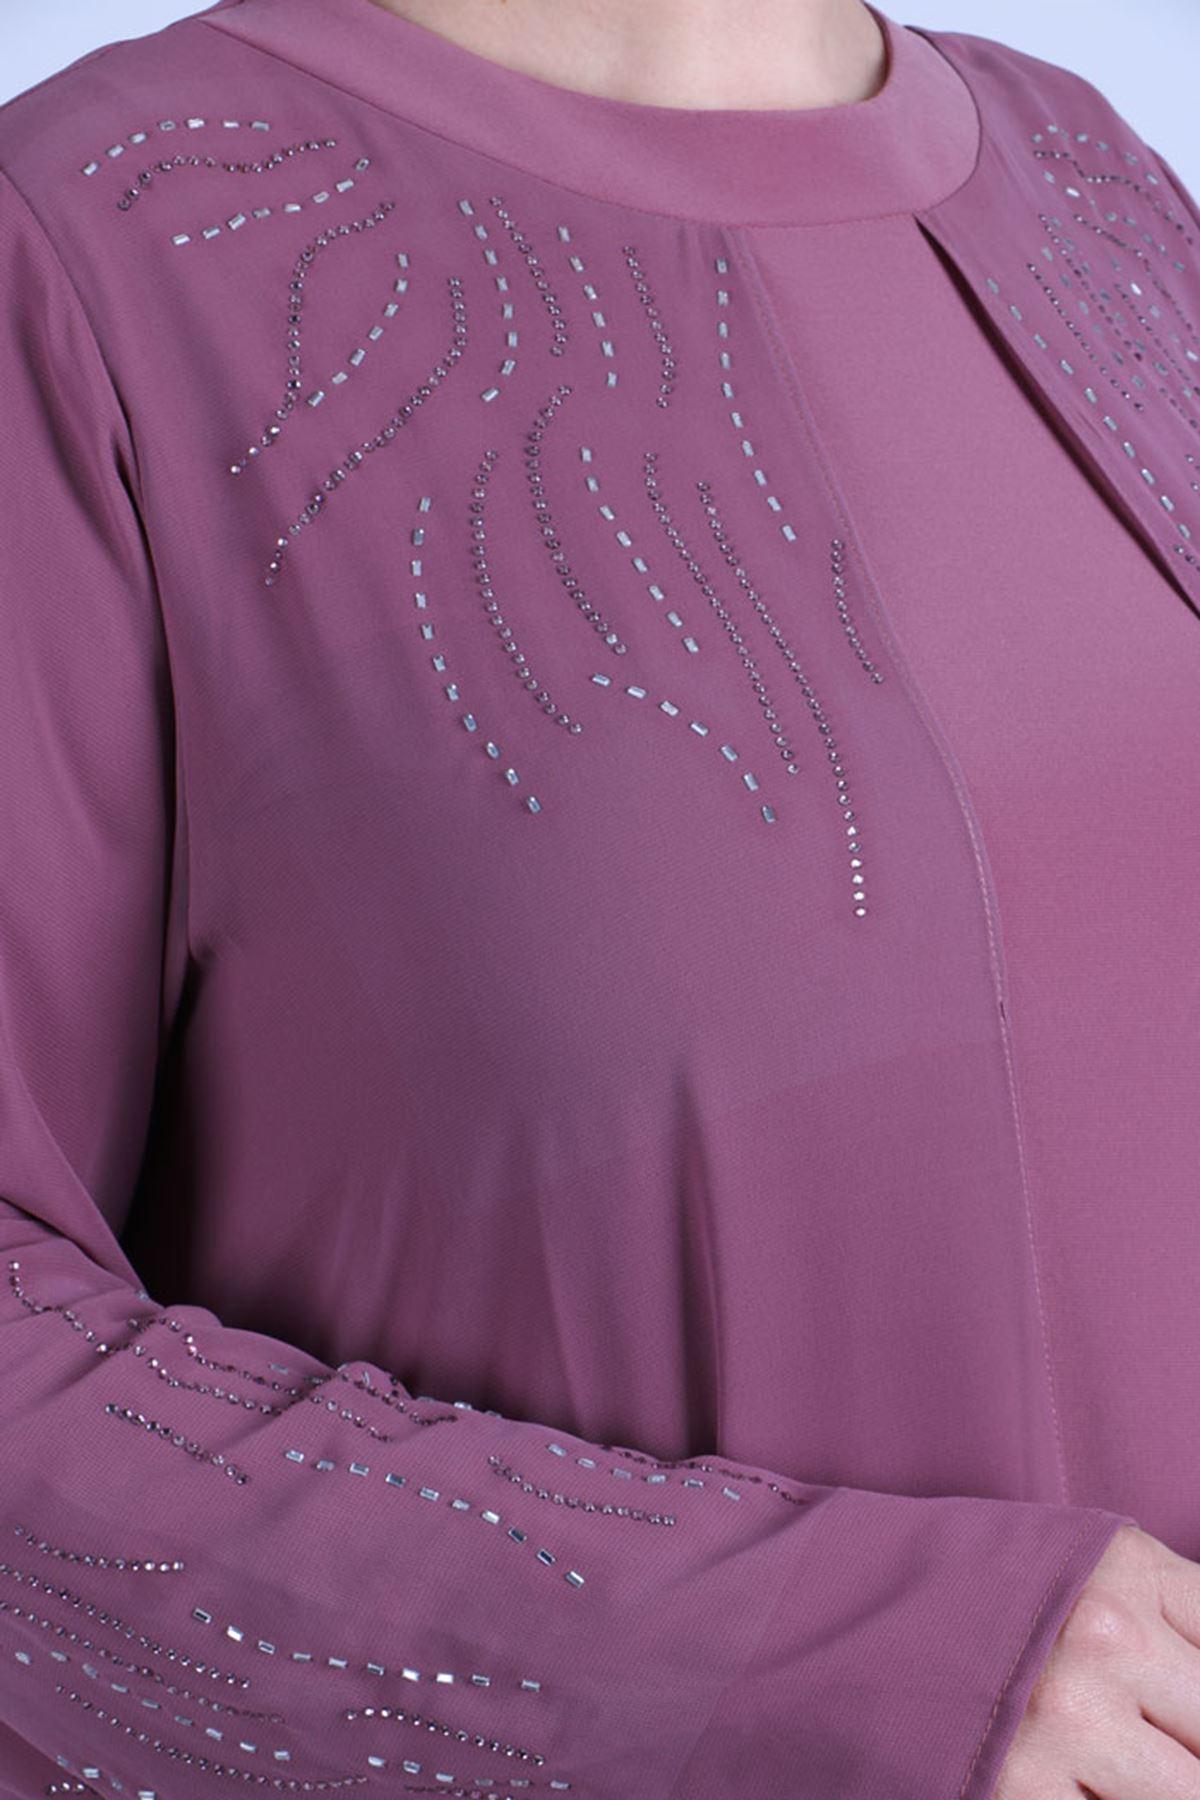 D-2086 Büyük Beden Defolu Sandy-Şifon Taş Baskılı Abiye Elbise - Gül Kurusu